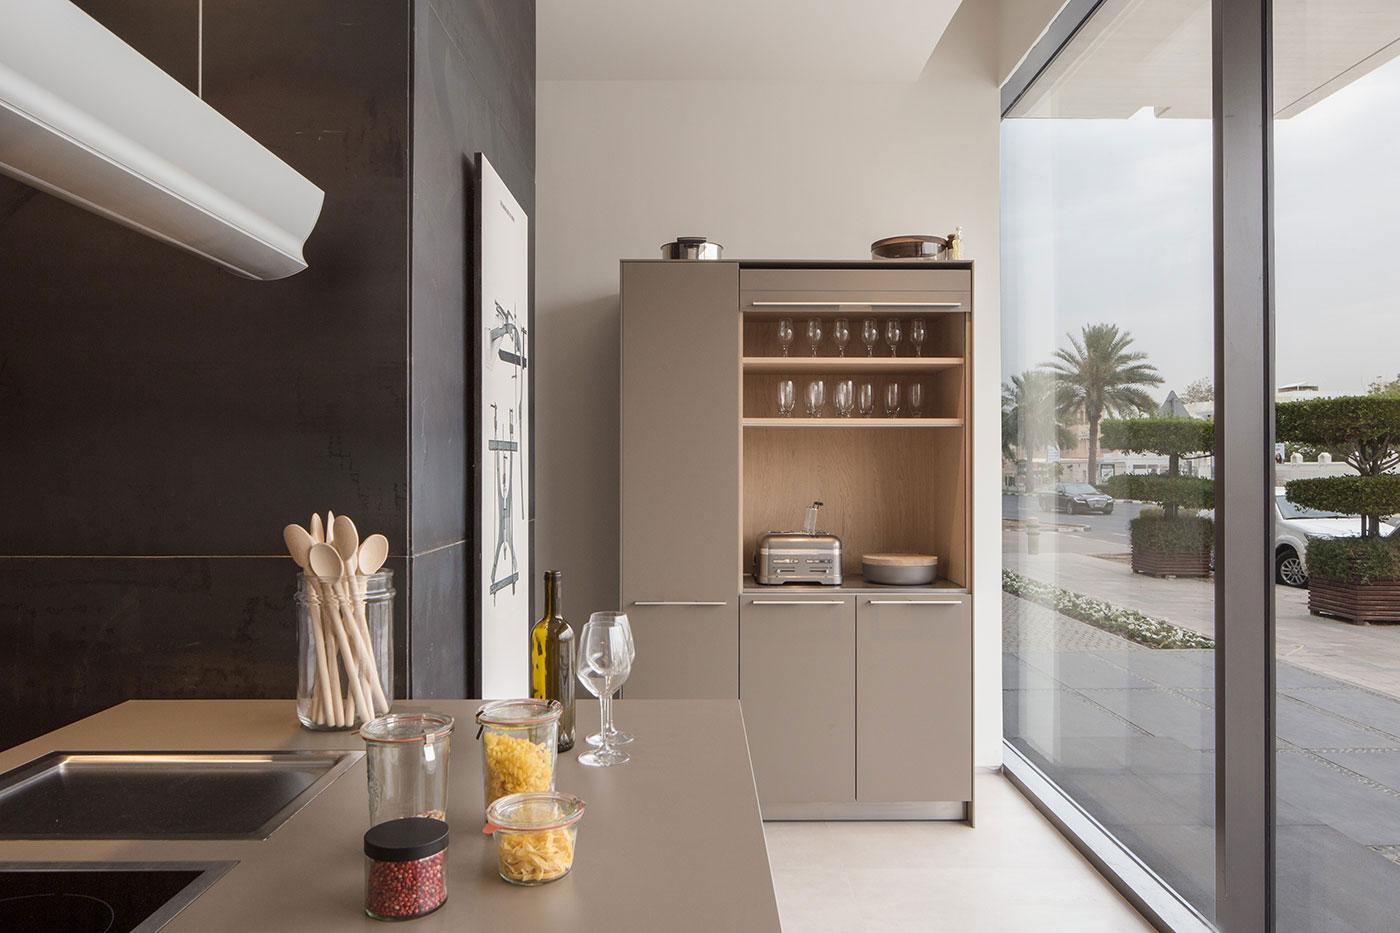 Obegi Home Bulthaup Kitchens Area 6